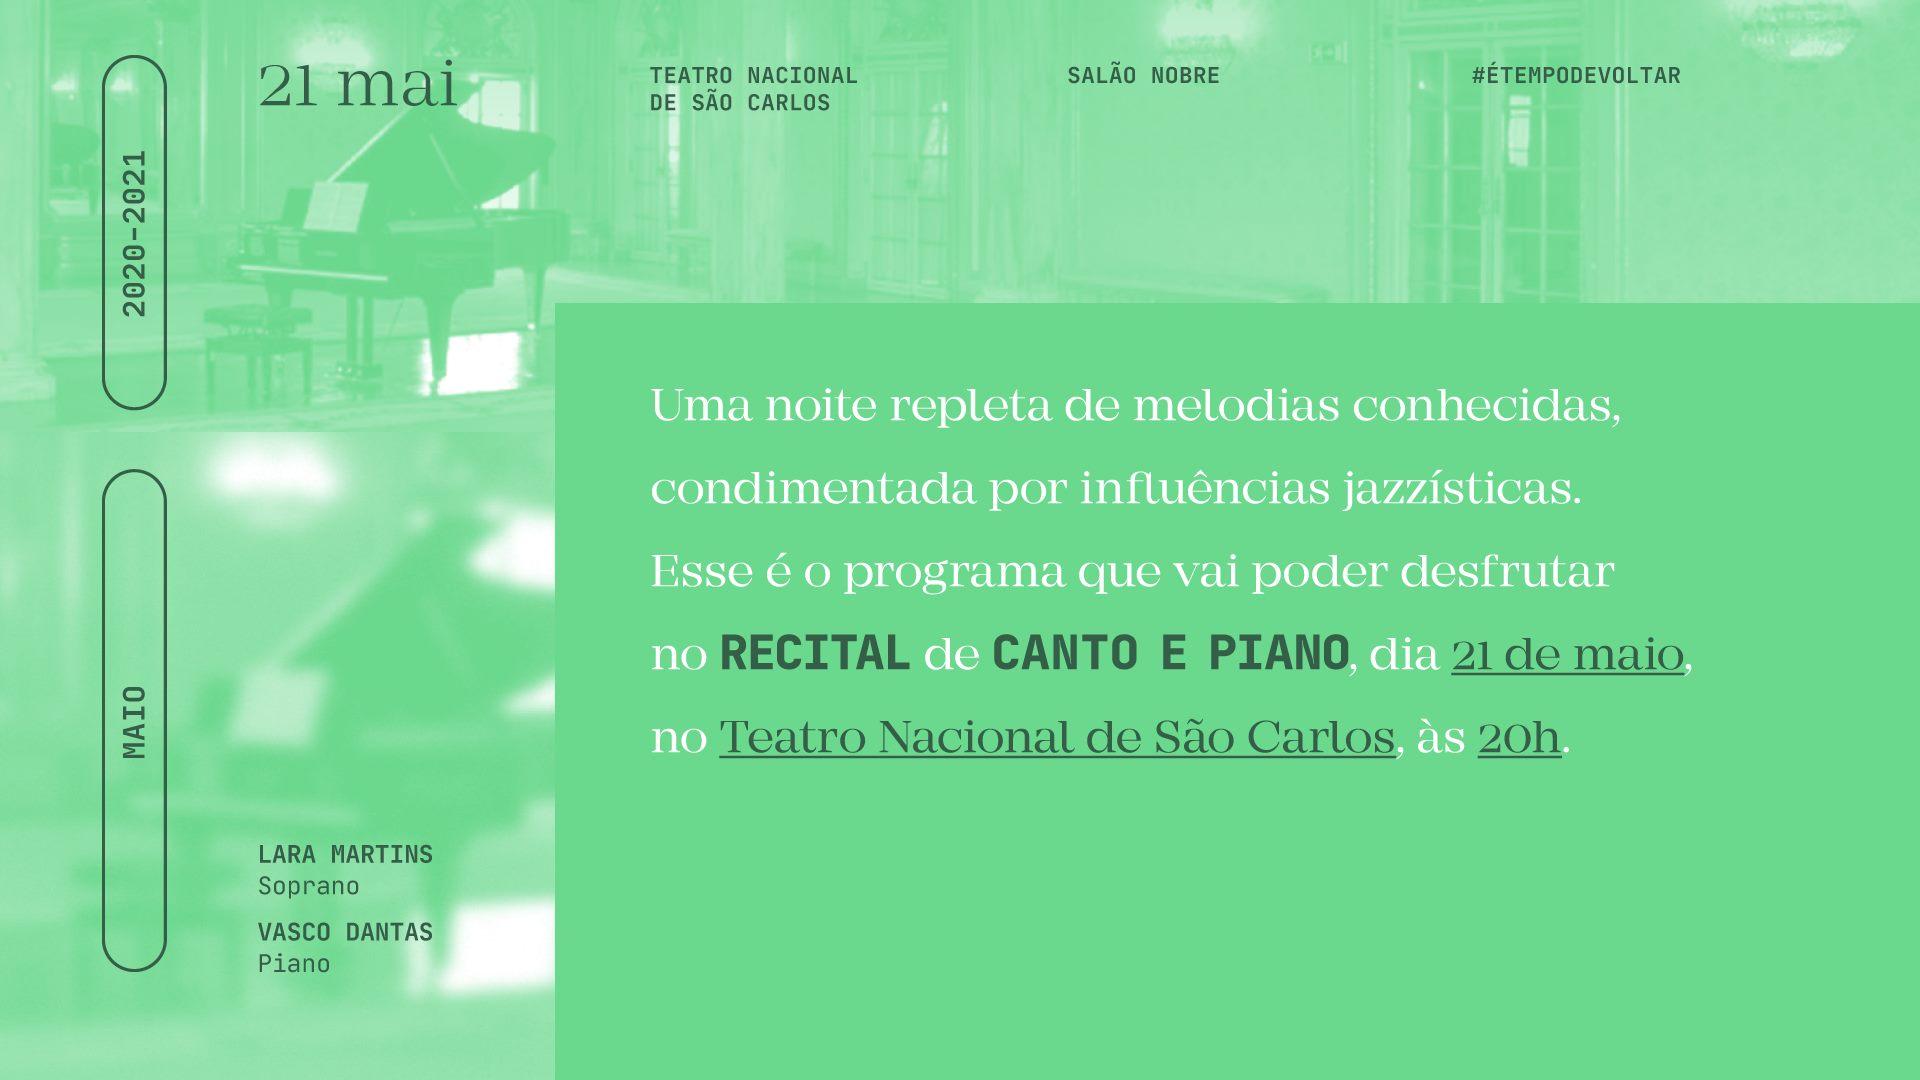 Recital de Canto e Piano